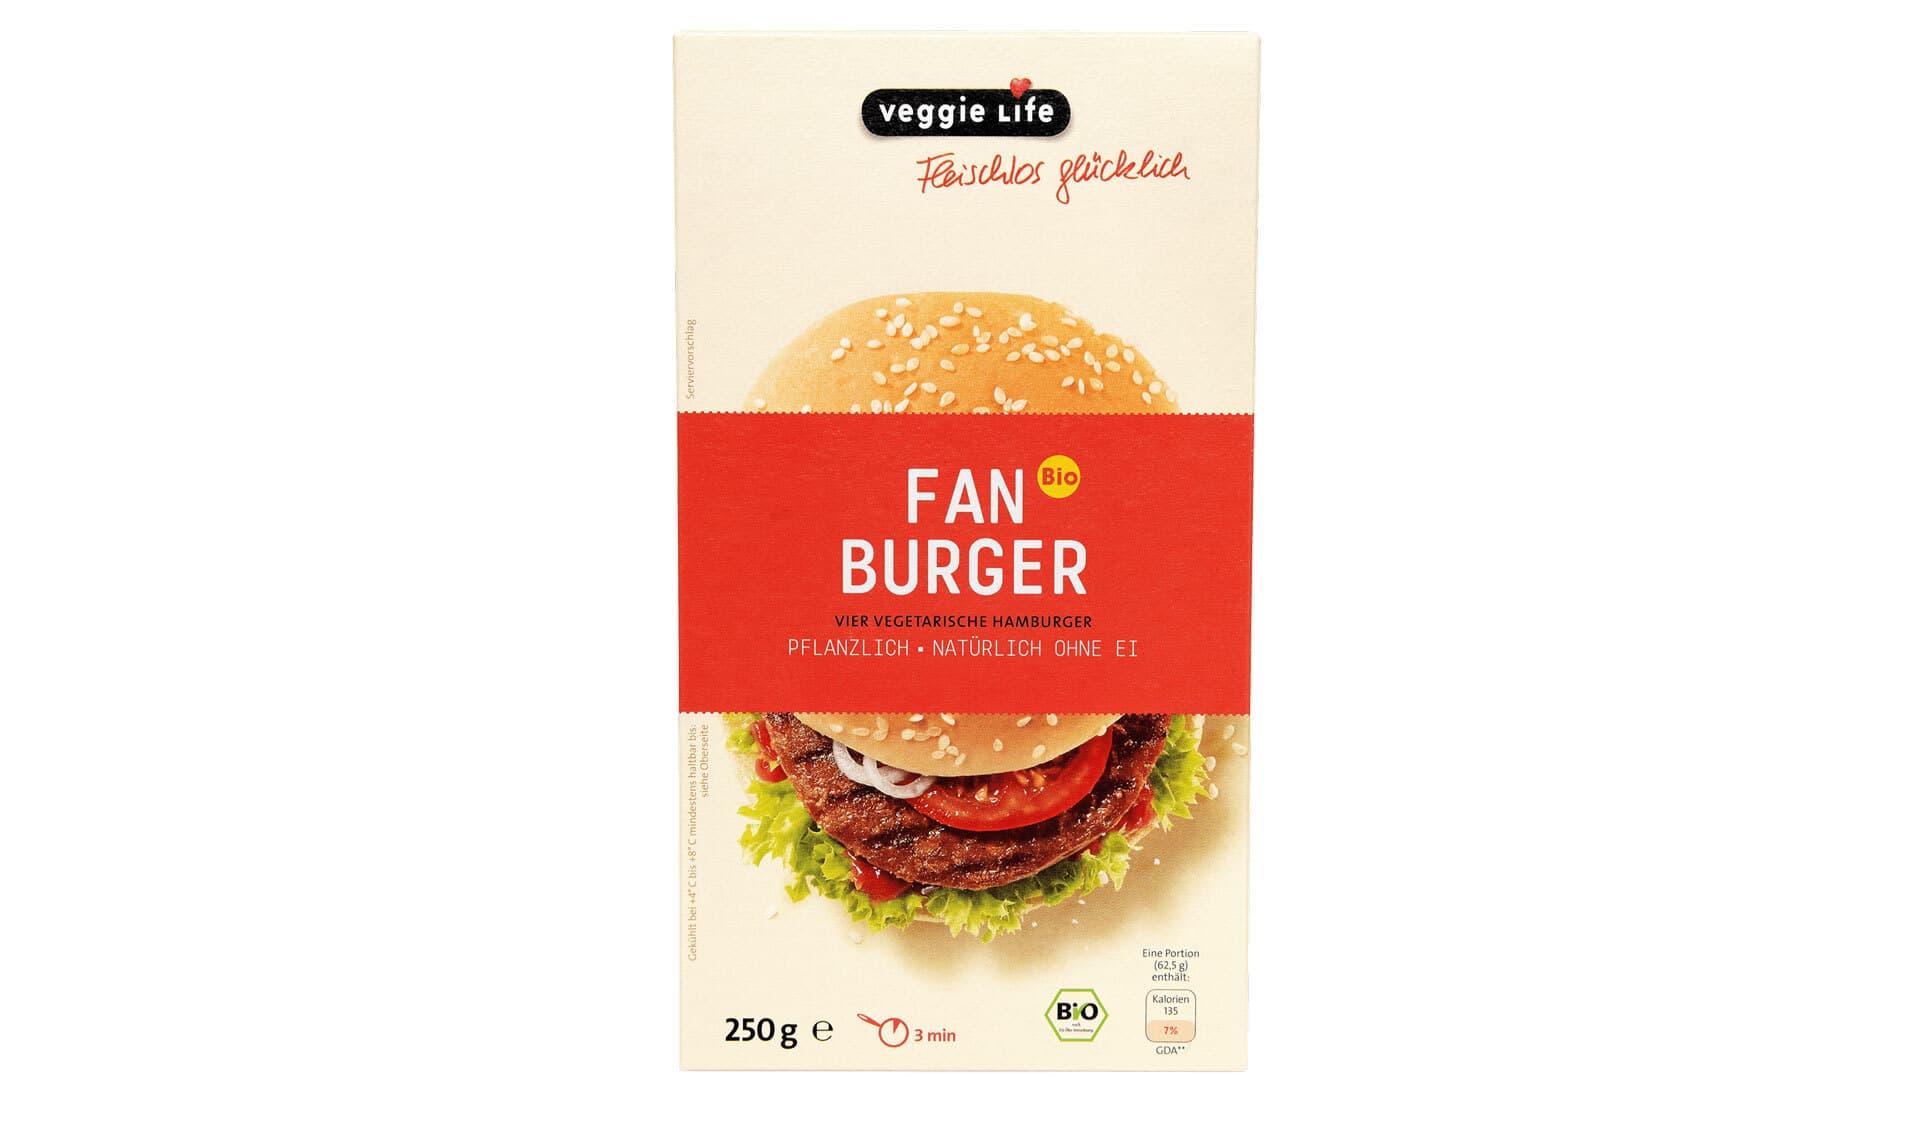 veggielife Fan Burger